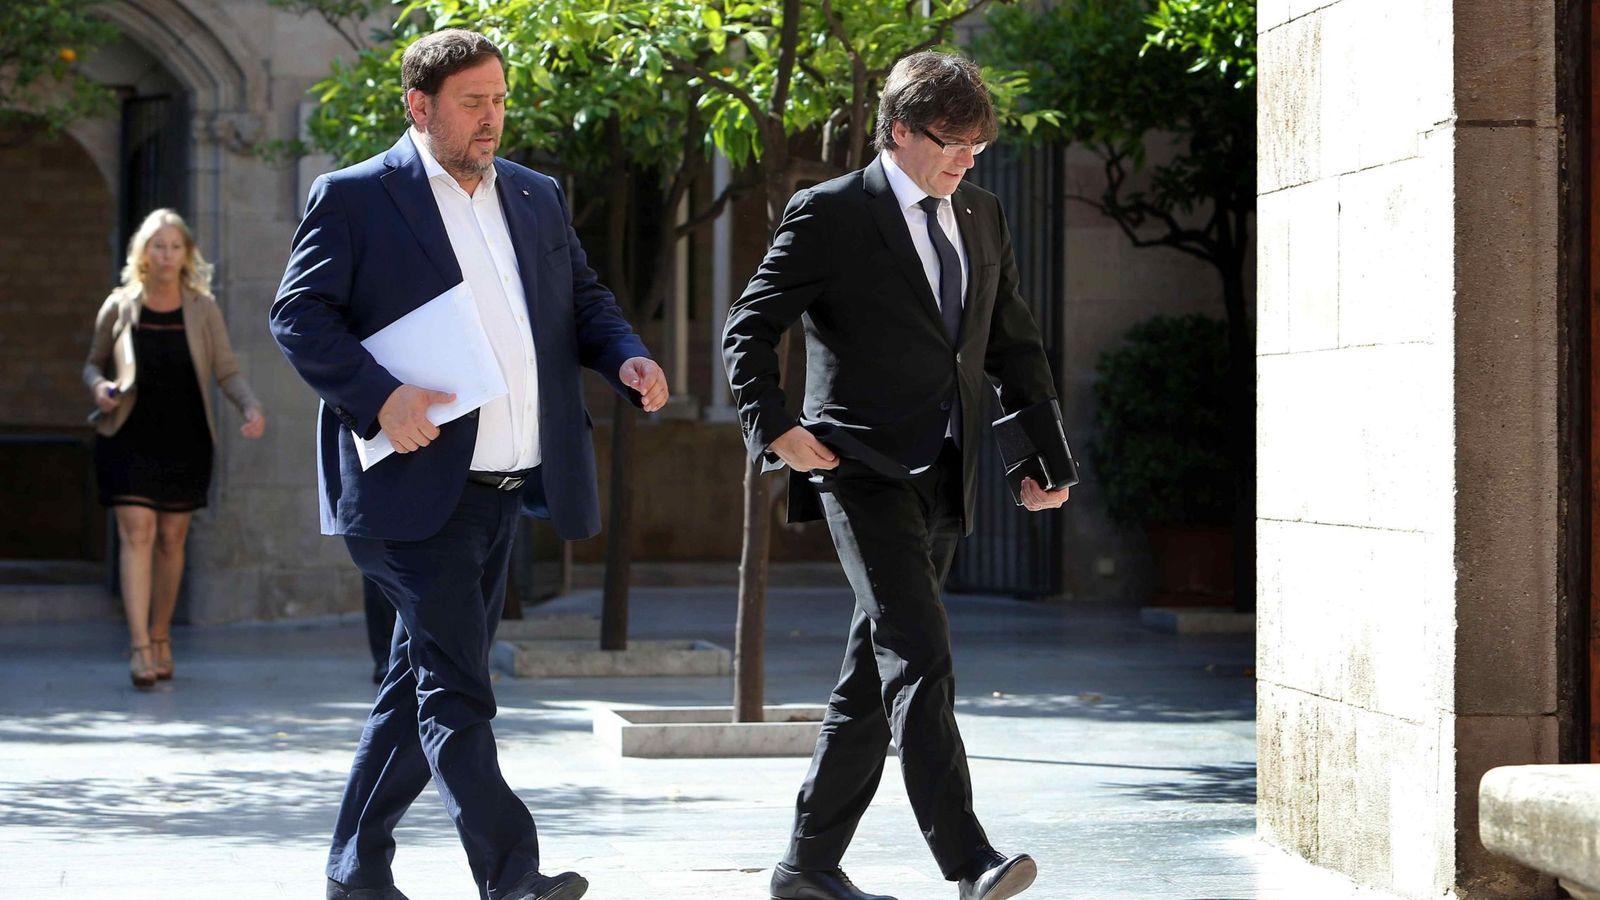 Foto: El presidente de la Generalitat, Carles Puigdemont, y el vicepresidente, Oriol Junqueras. (EFE)